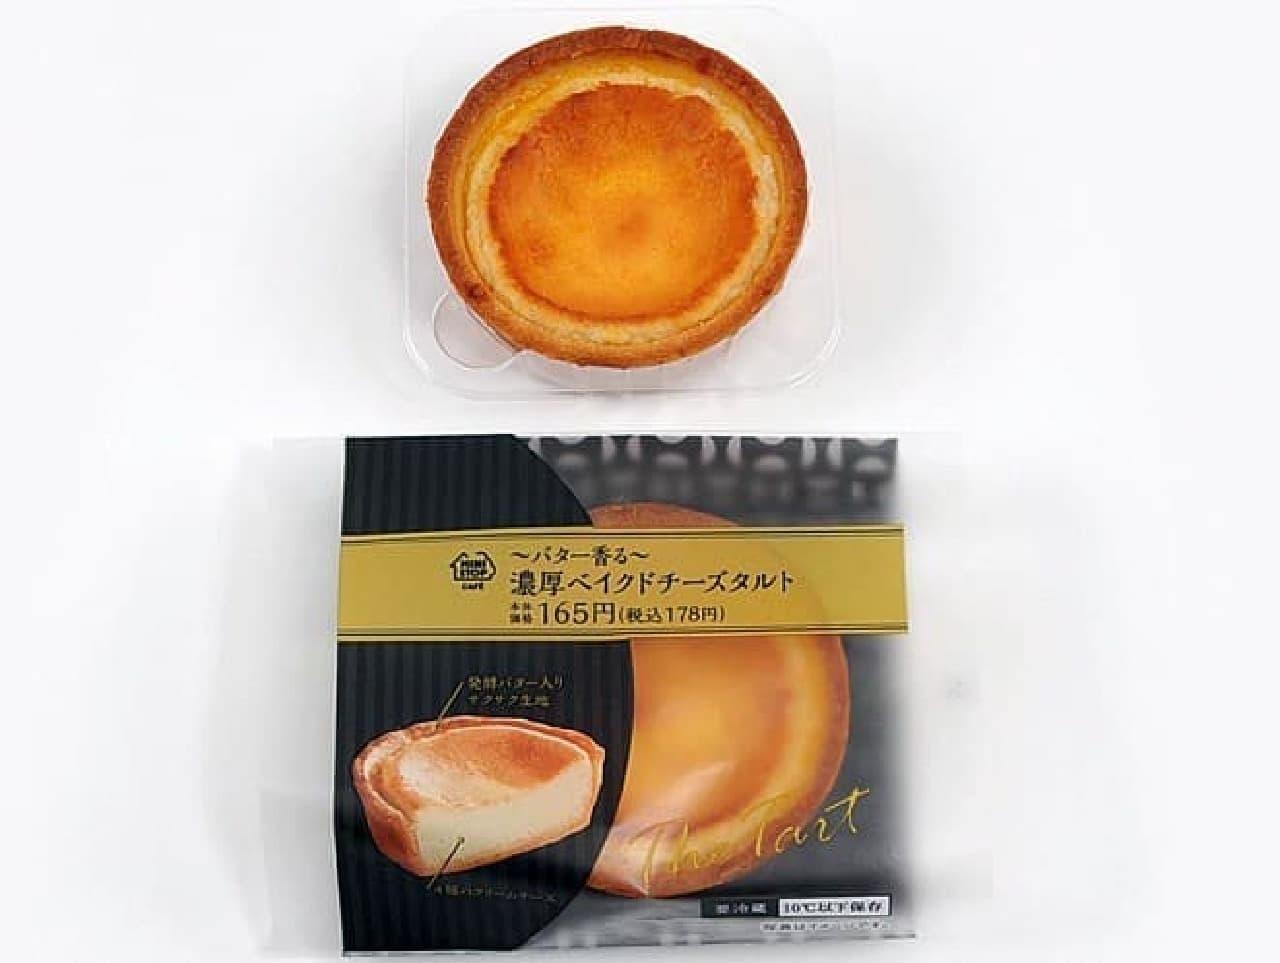 ミニストップ「~バター香る~濃厚ベイクドチーズタルト」